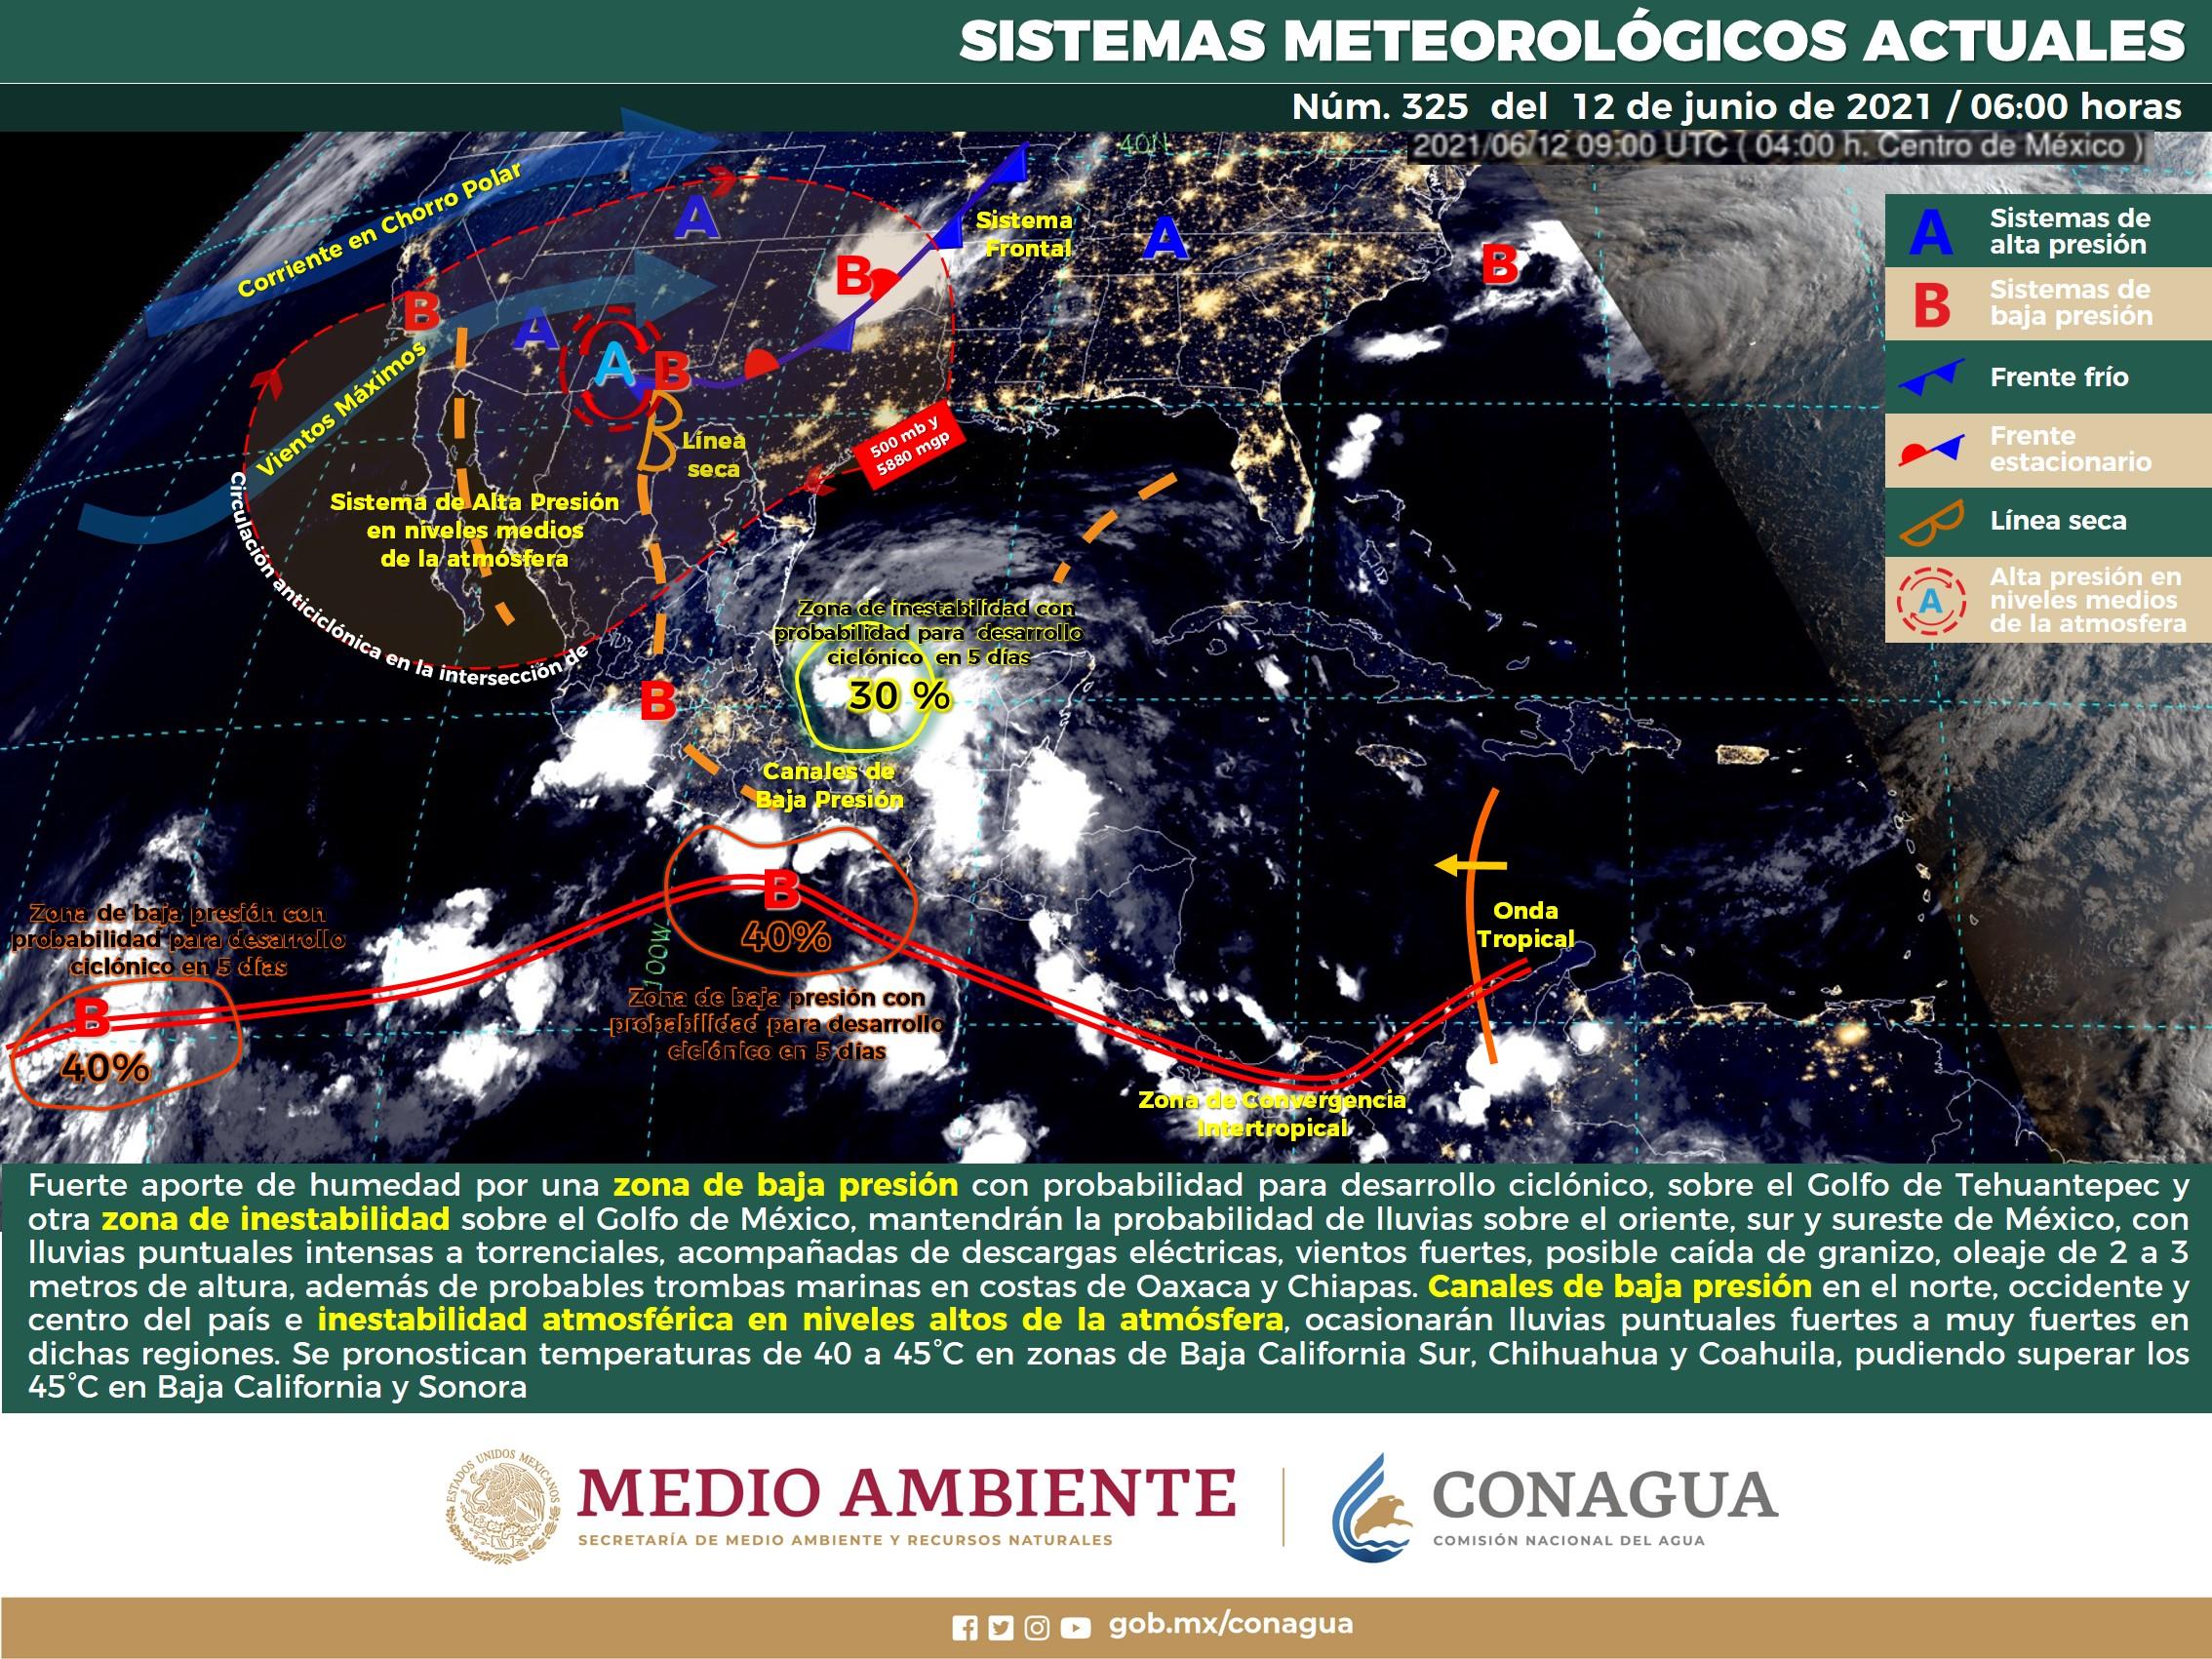 CONTINUARÁ EL TEMPORAL DE LLUVIAS INTENSAS A TORRENCIALES